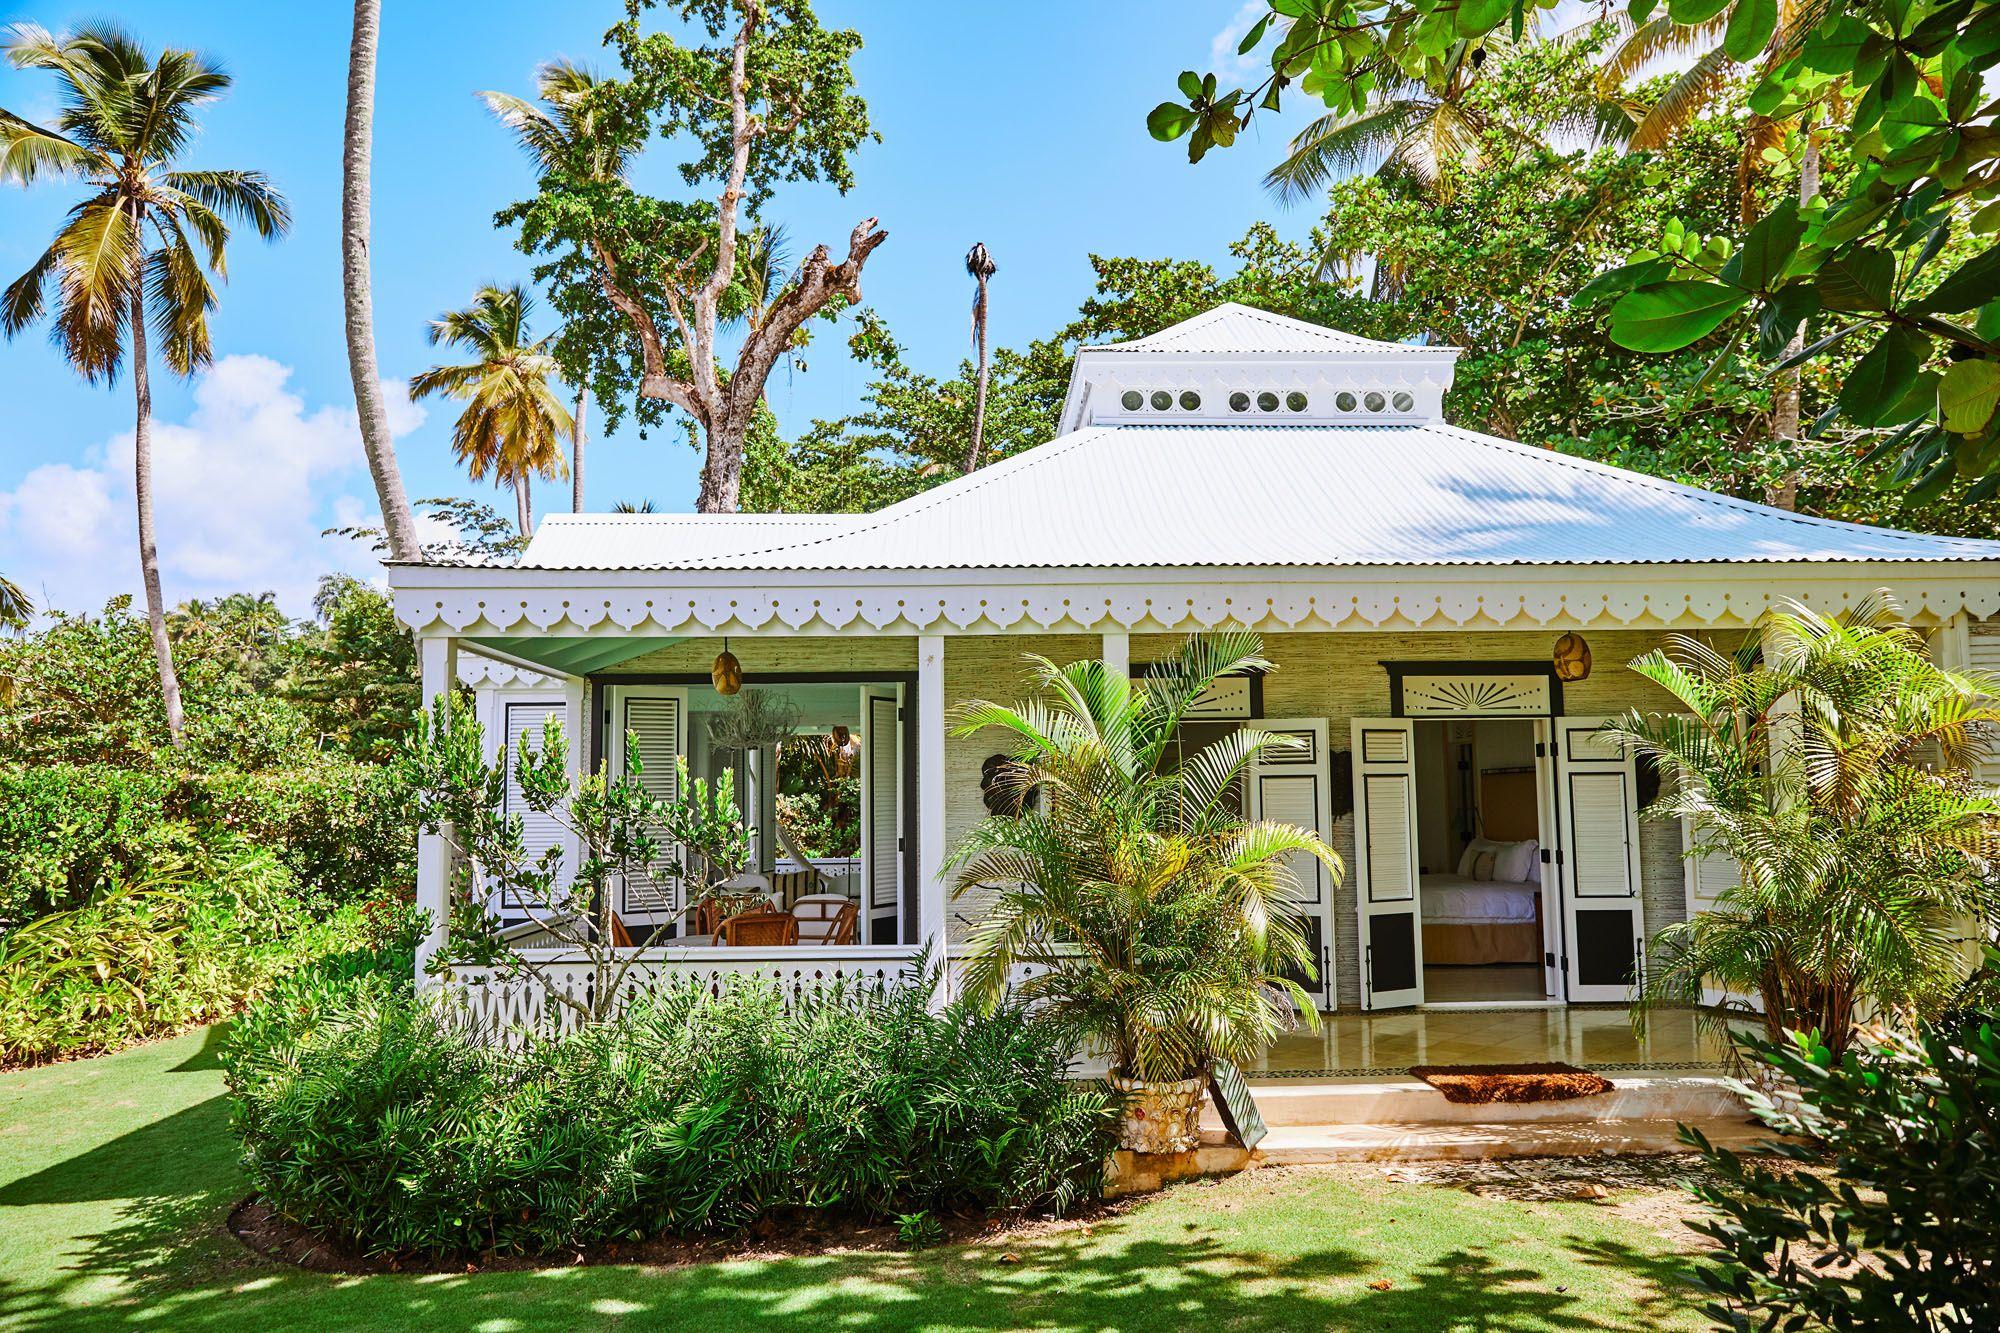 殖民風格的房屋比當地一般的海灘別墅還高一些。